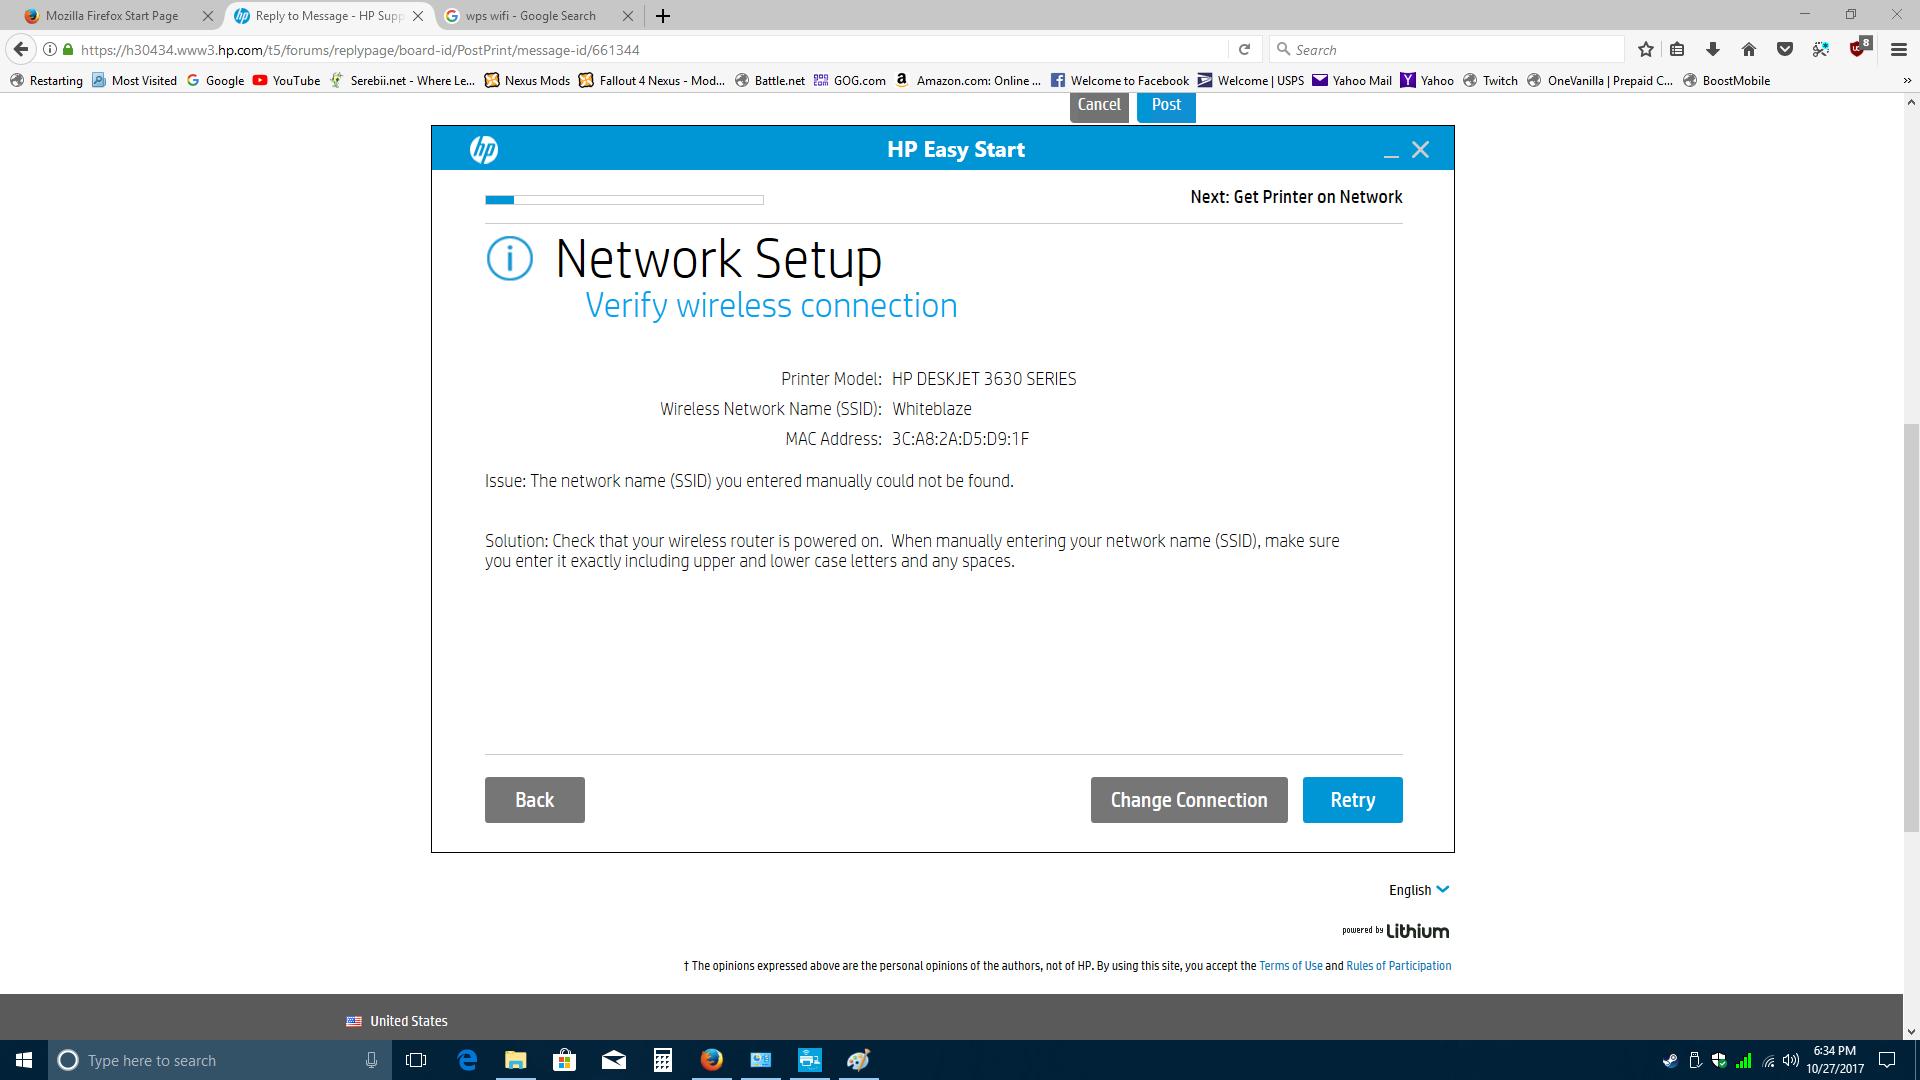 Solved Forgot My Deskjet 3630 Printer Password Hp Support